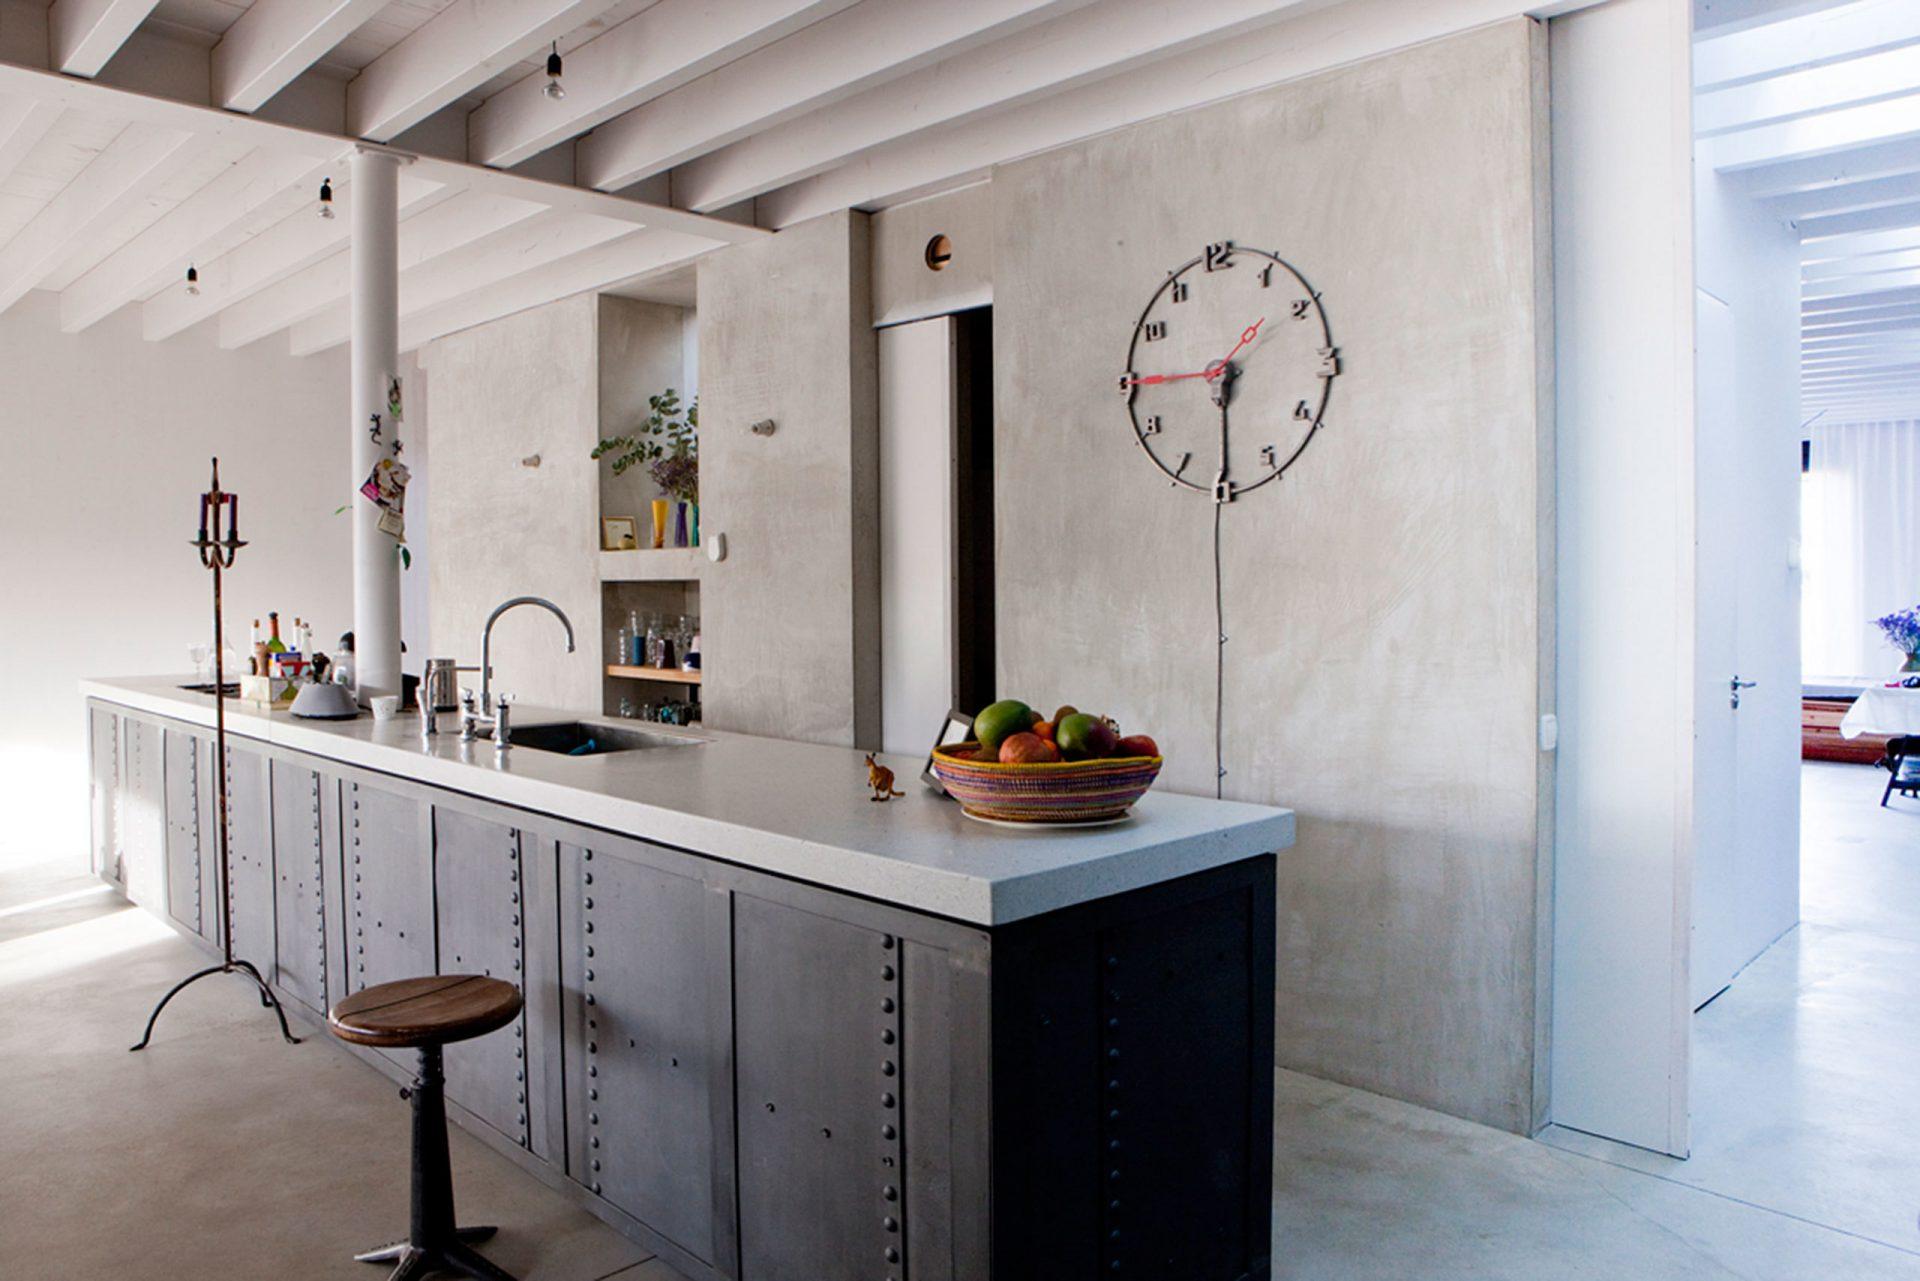 Rieteijland Kitchen 3